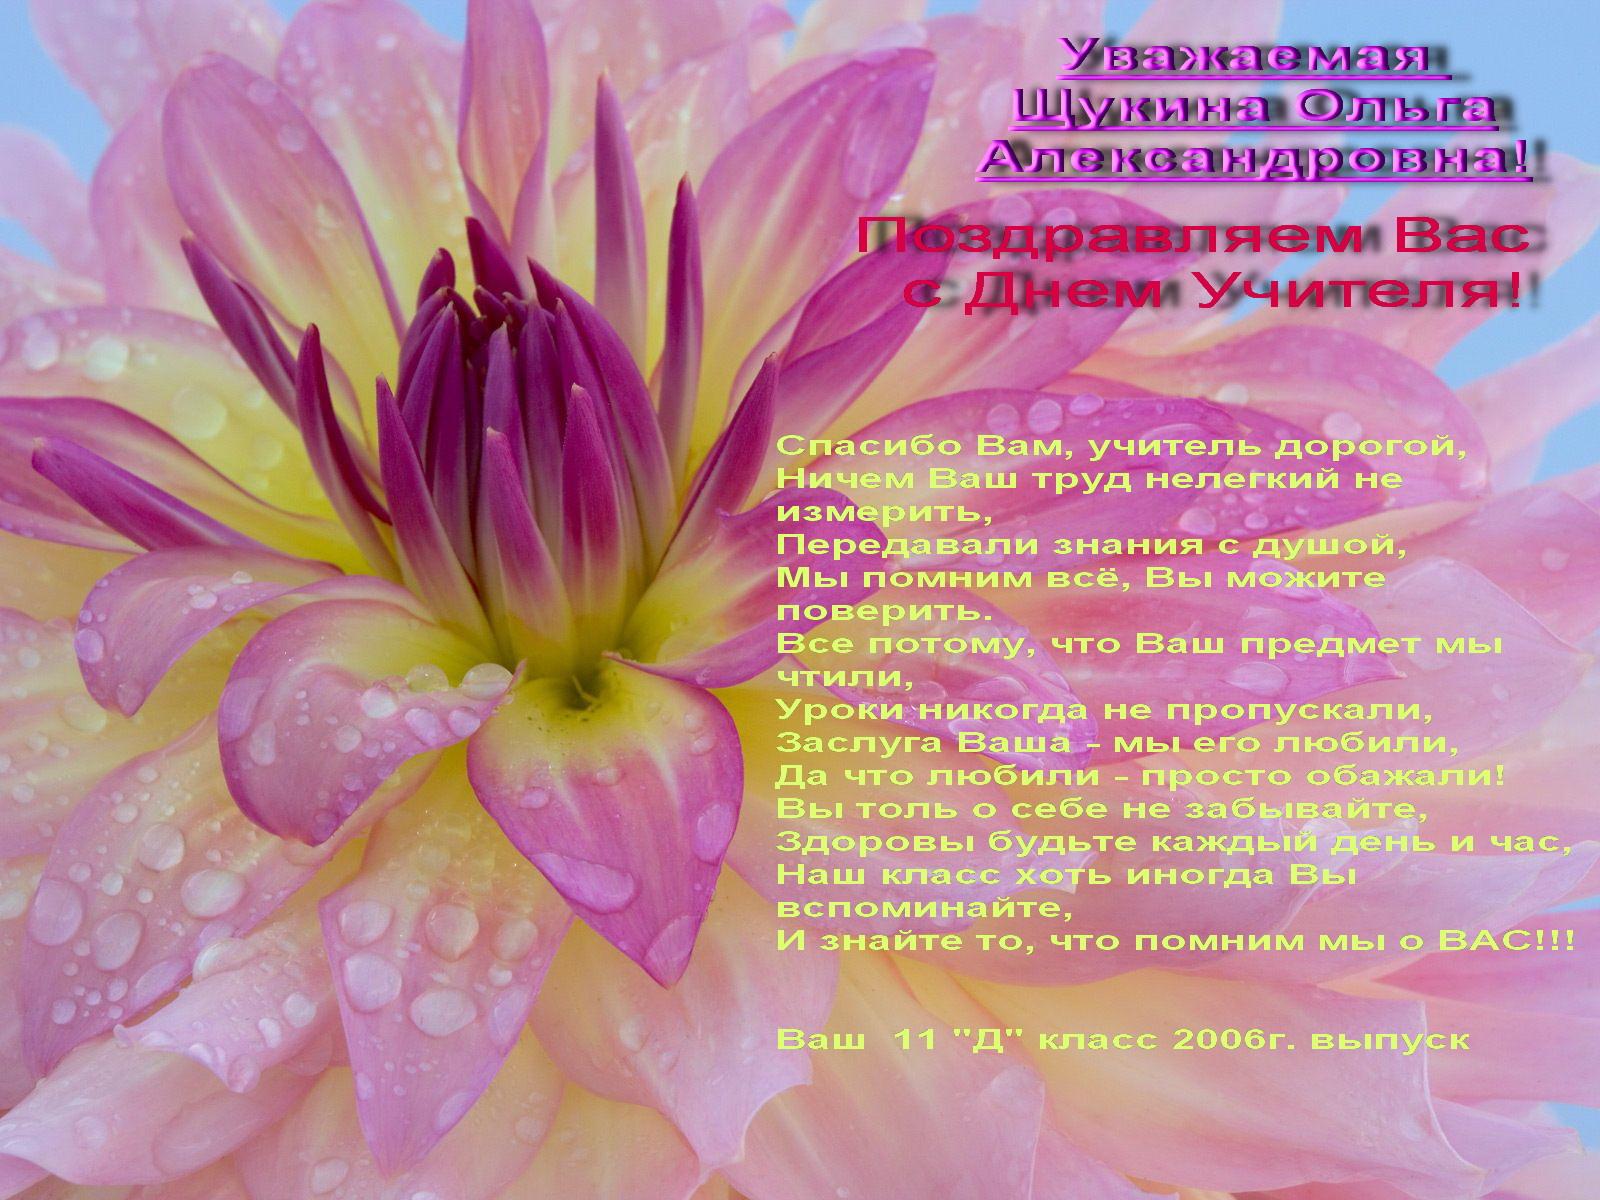 Поздравления на татарском на день учителя фото 593